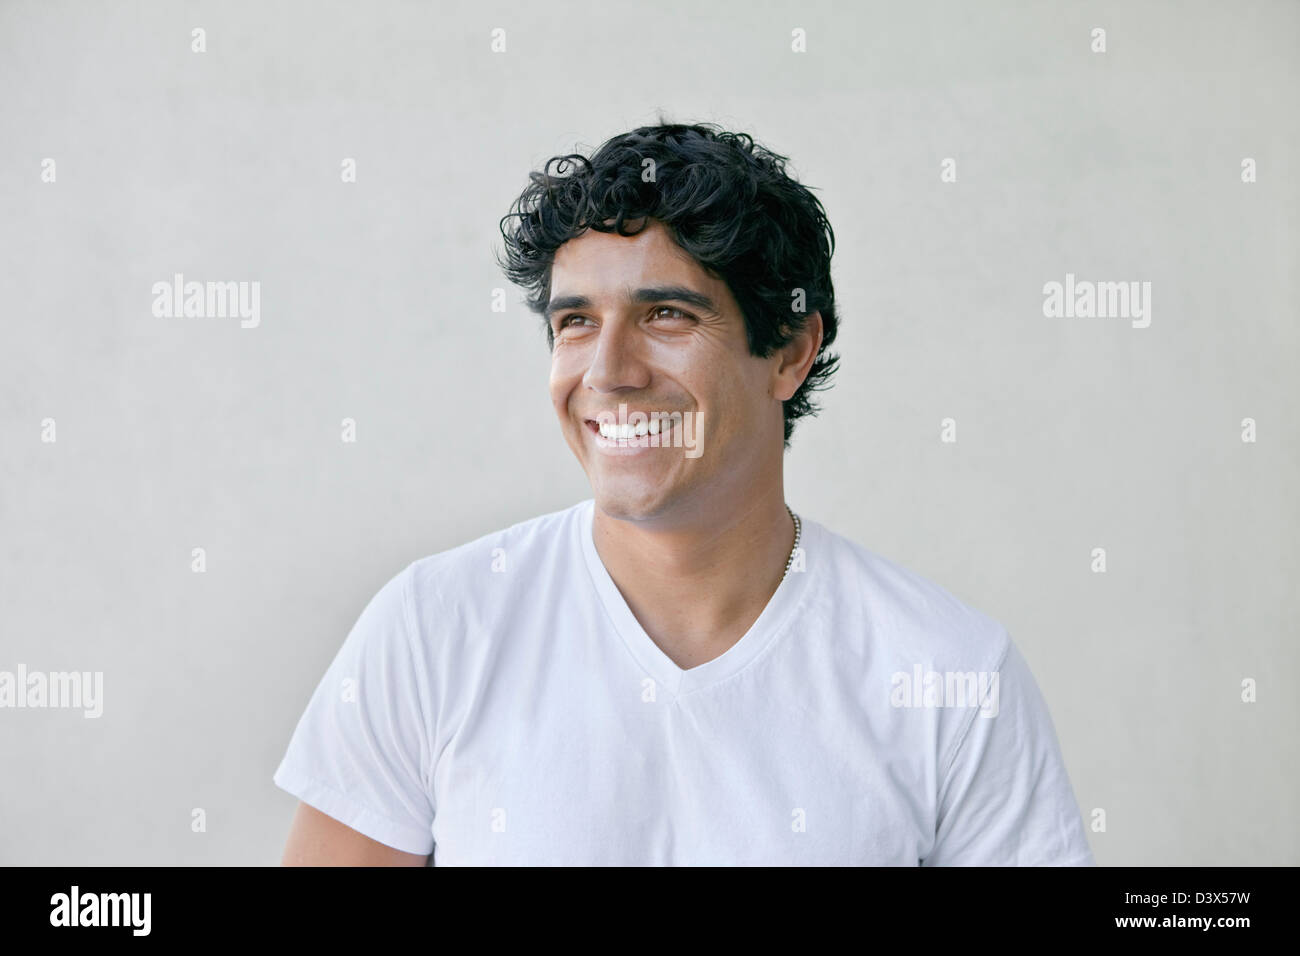 Sorridente Ritratto di giovane adulto messicano-americana indossa maschio bianco semplice t-shirt e khakis Foto Stock